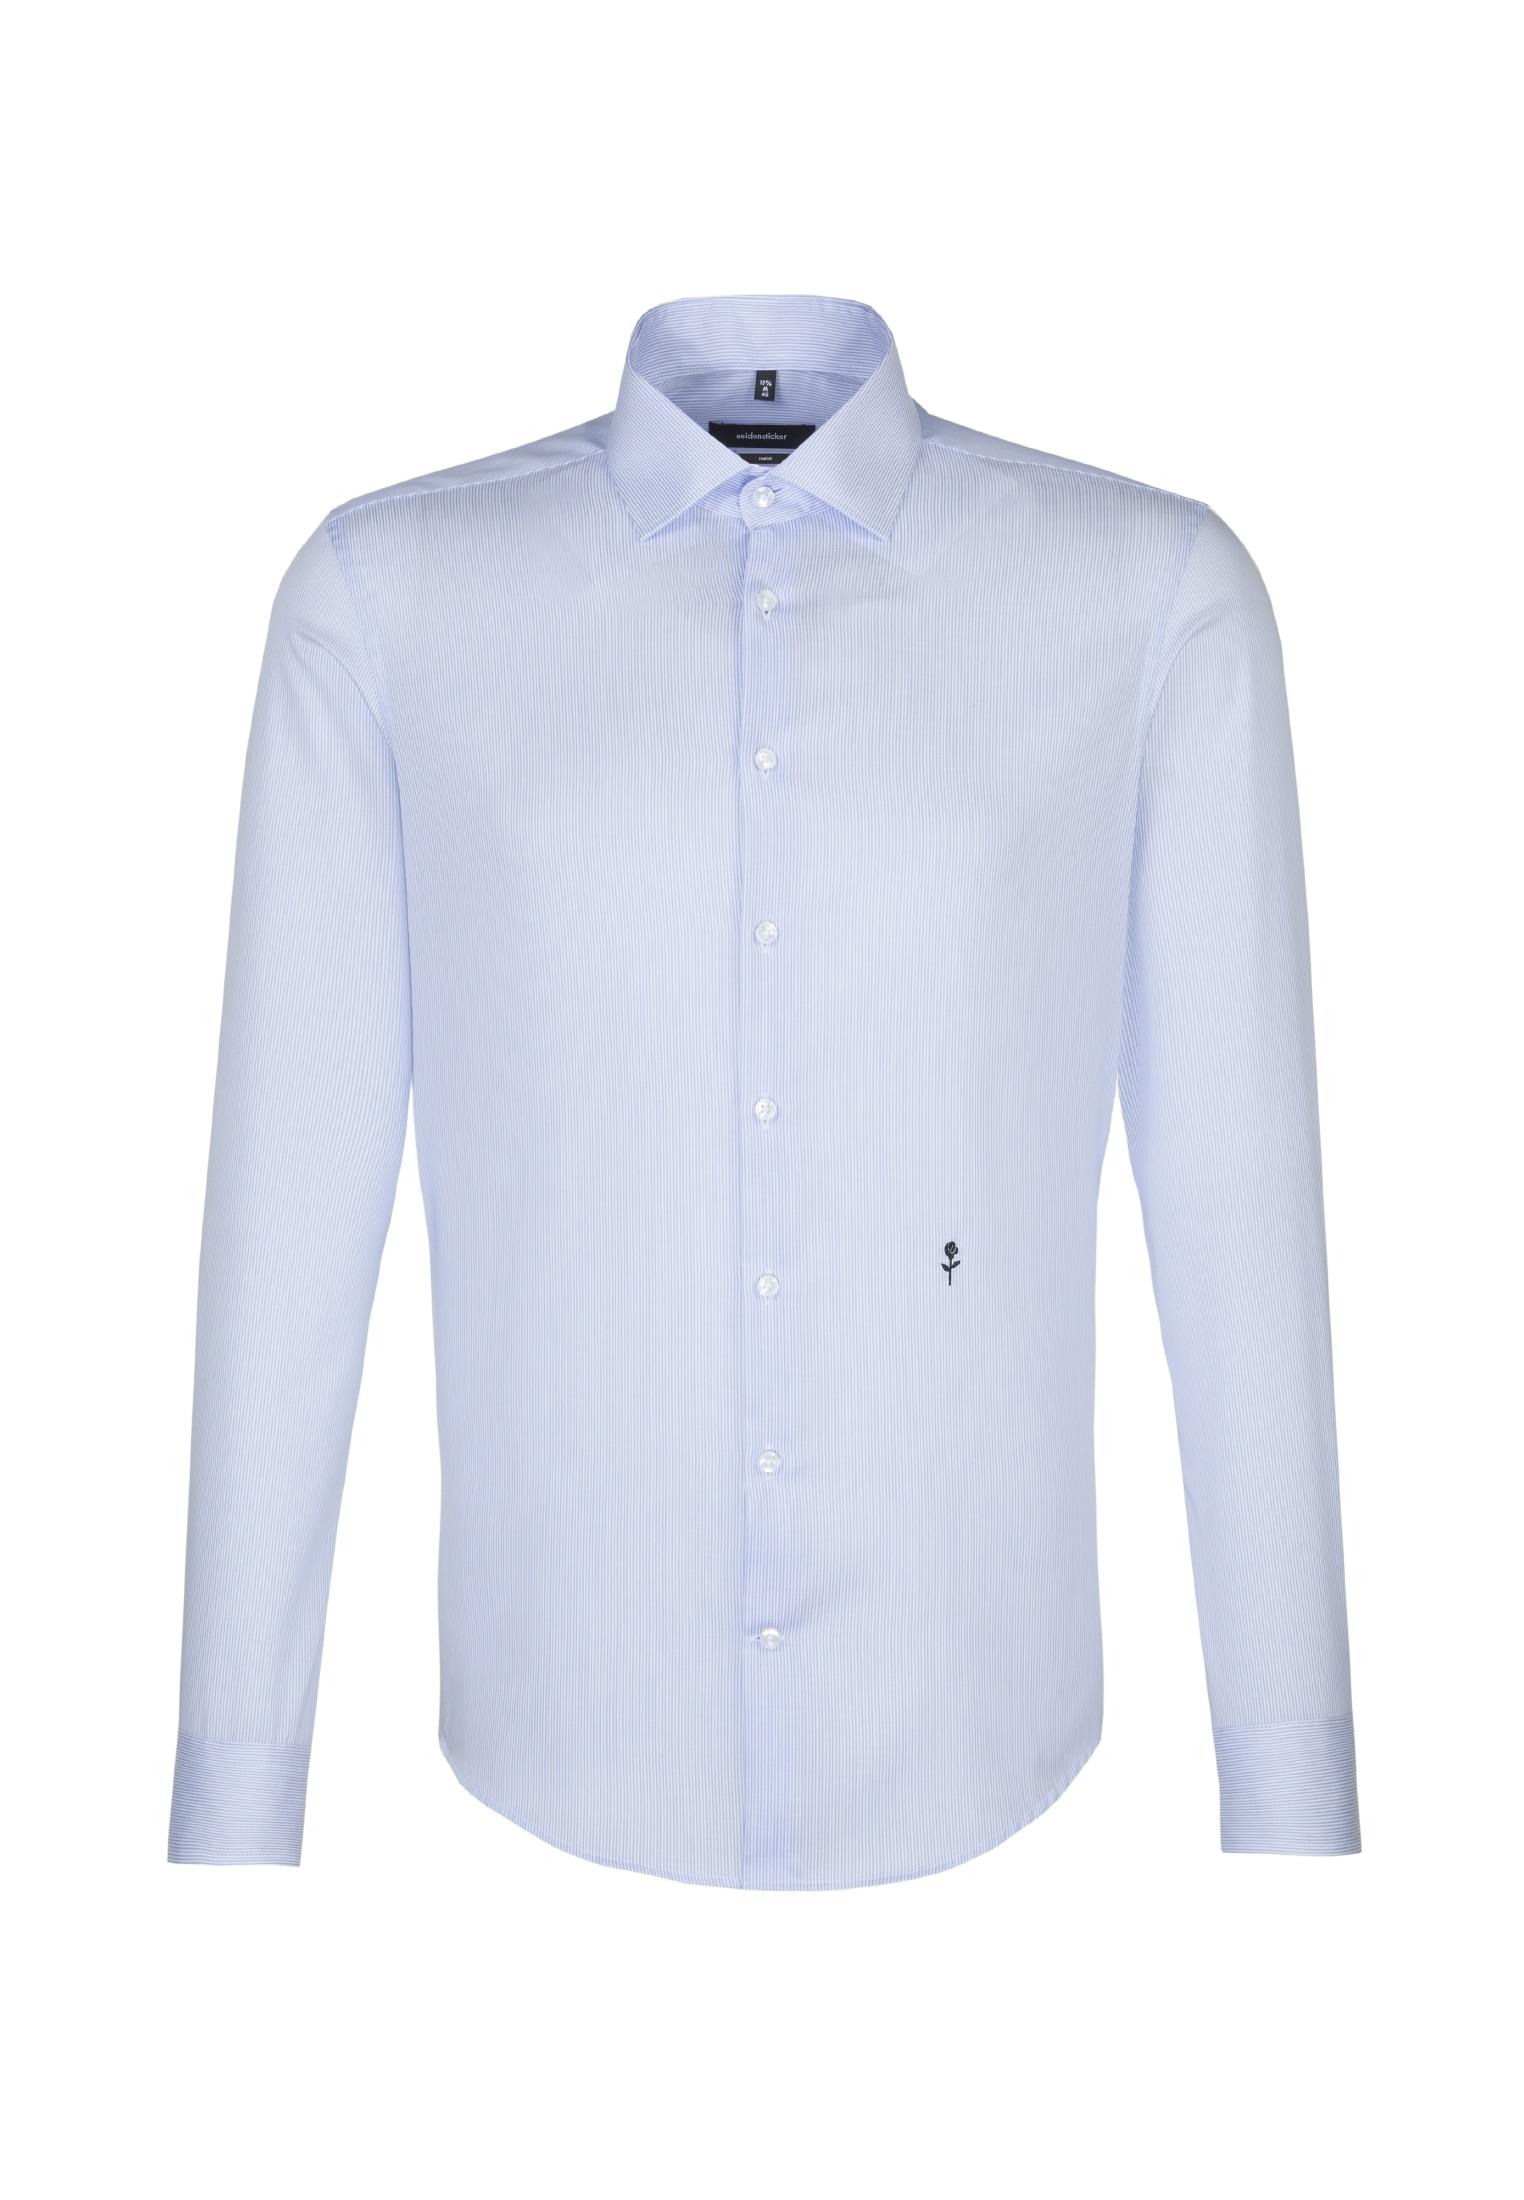 seidensticker Businesshemd Comfort | Bekleidung > Hemden > Business Hemden | Seidensticker